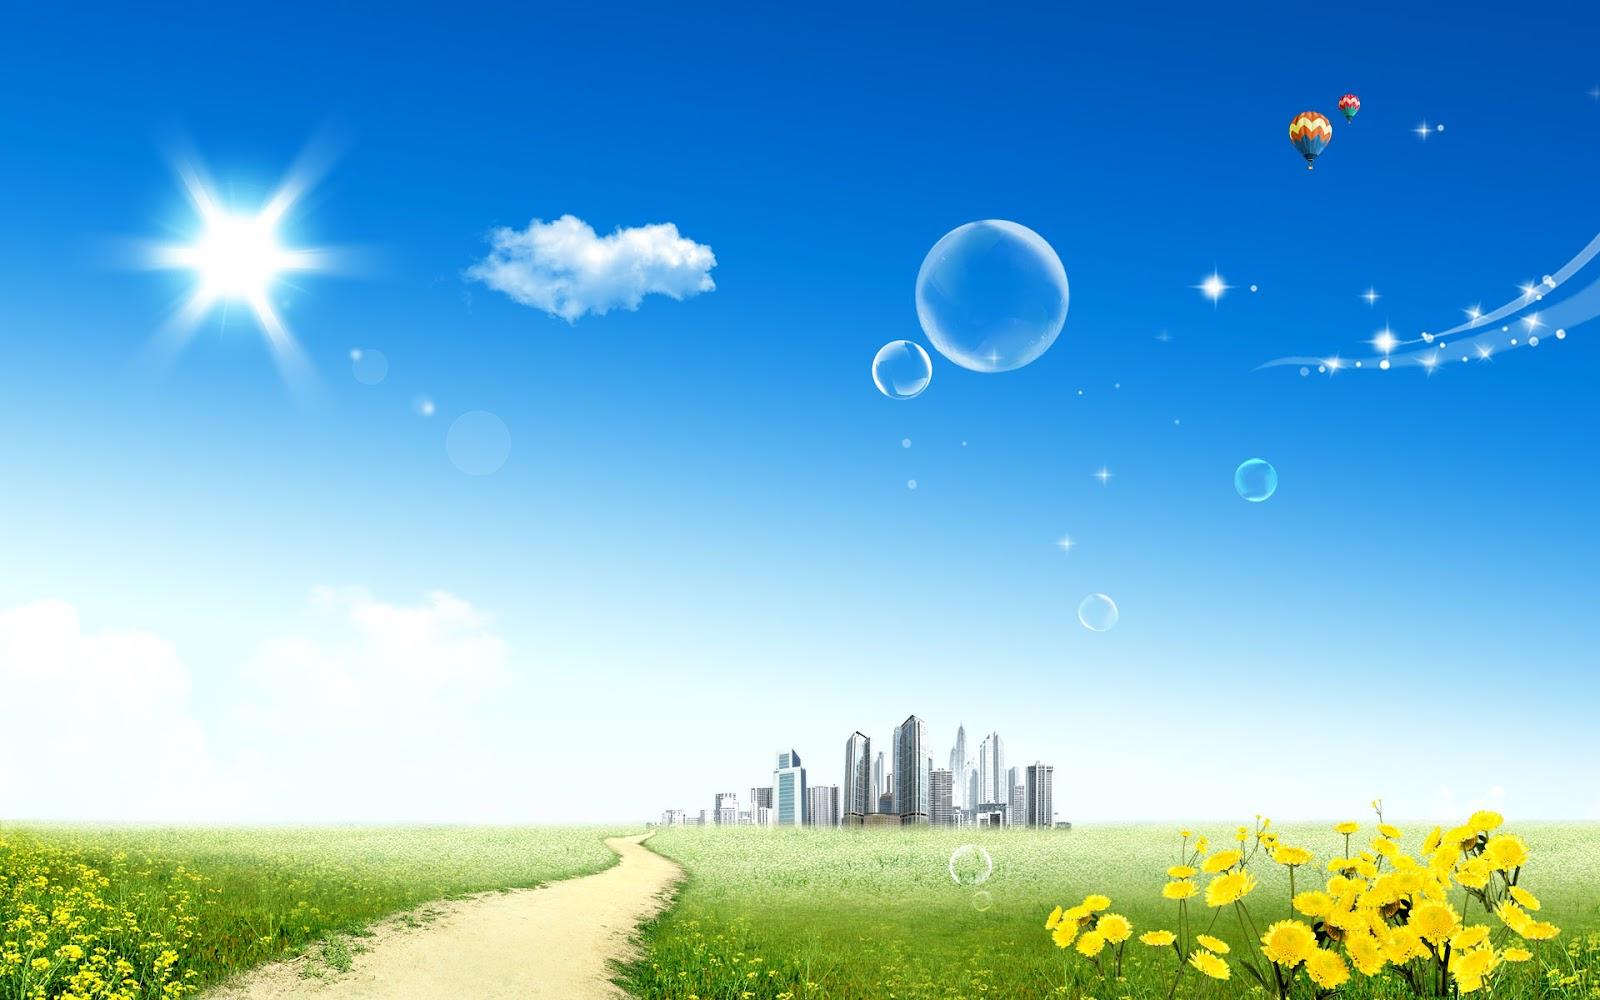 http://3.bp.blogspot.com/-Xj83uEkHRKc/Ty7oiTJY_YI/AAAAAAAAAD4/h0UxdLjVTBw/s1600/free-summer-fantasy-landscape-for-desktop-wallpaper_1920x1200_80994.jpg